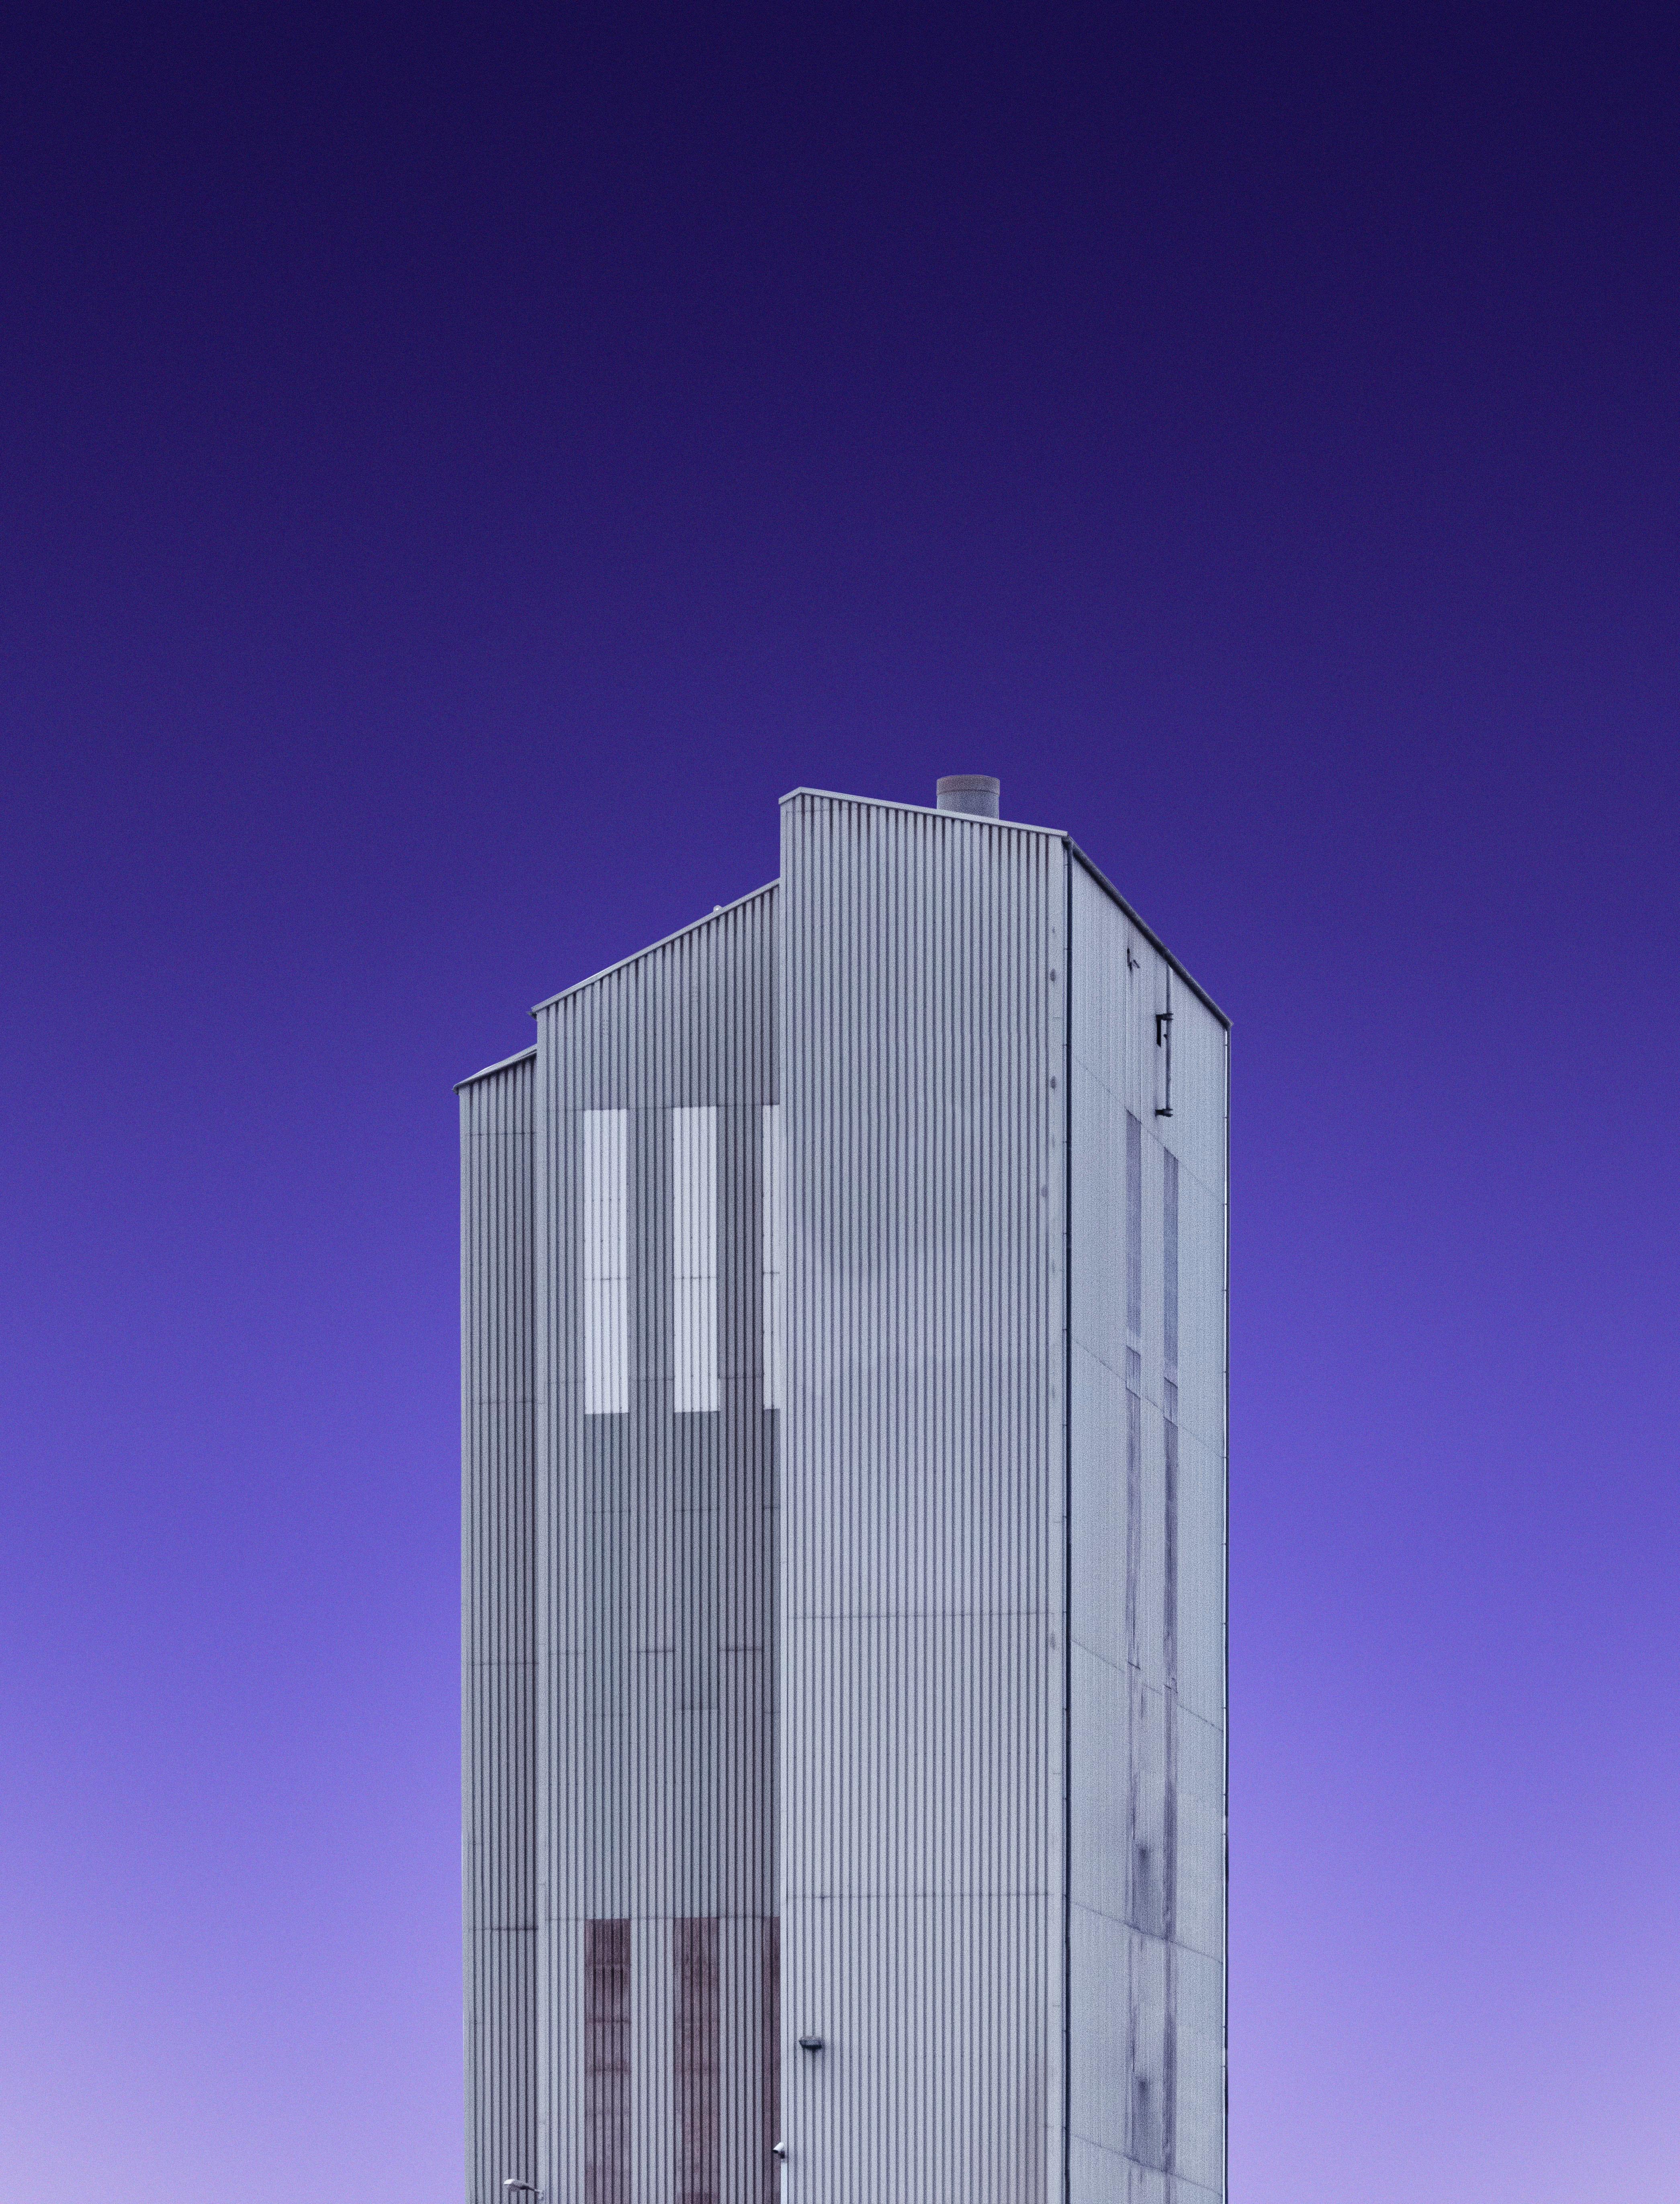 146753壁紙のダウンロードミニマリズム, 建物, ファサード, スカイ-スクリーンセーバーと写真を無料で